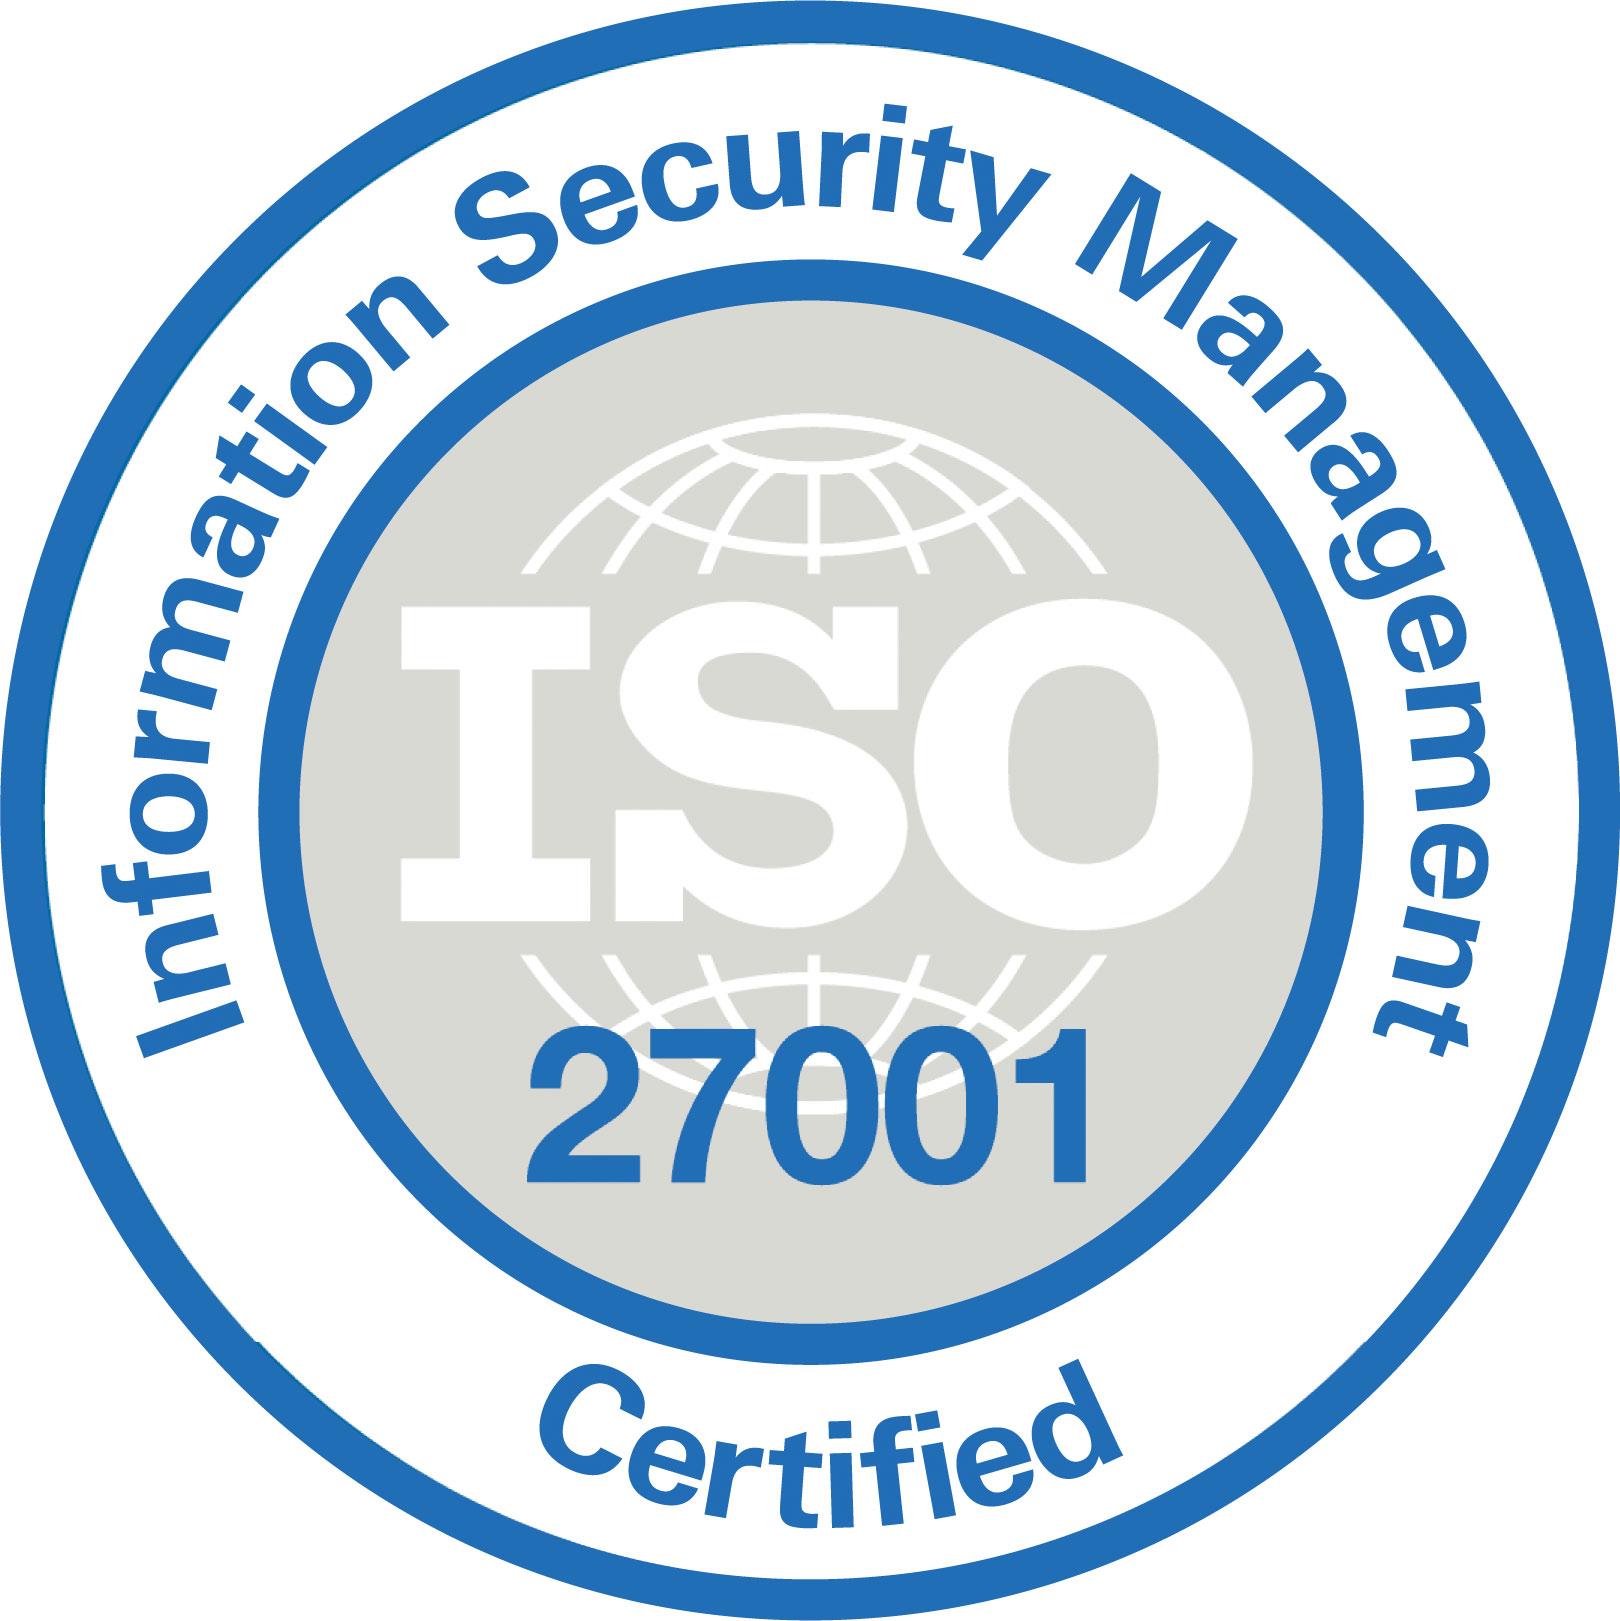 ZElcw_ISO_27001_Final-Logo_jpg.jpg